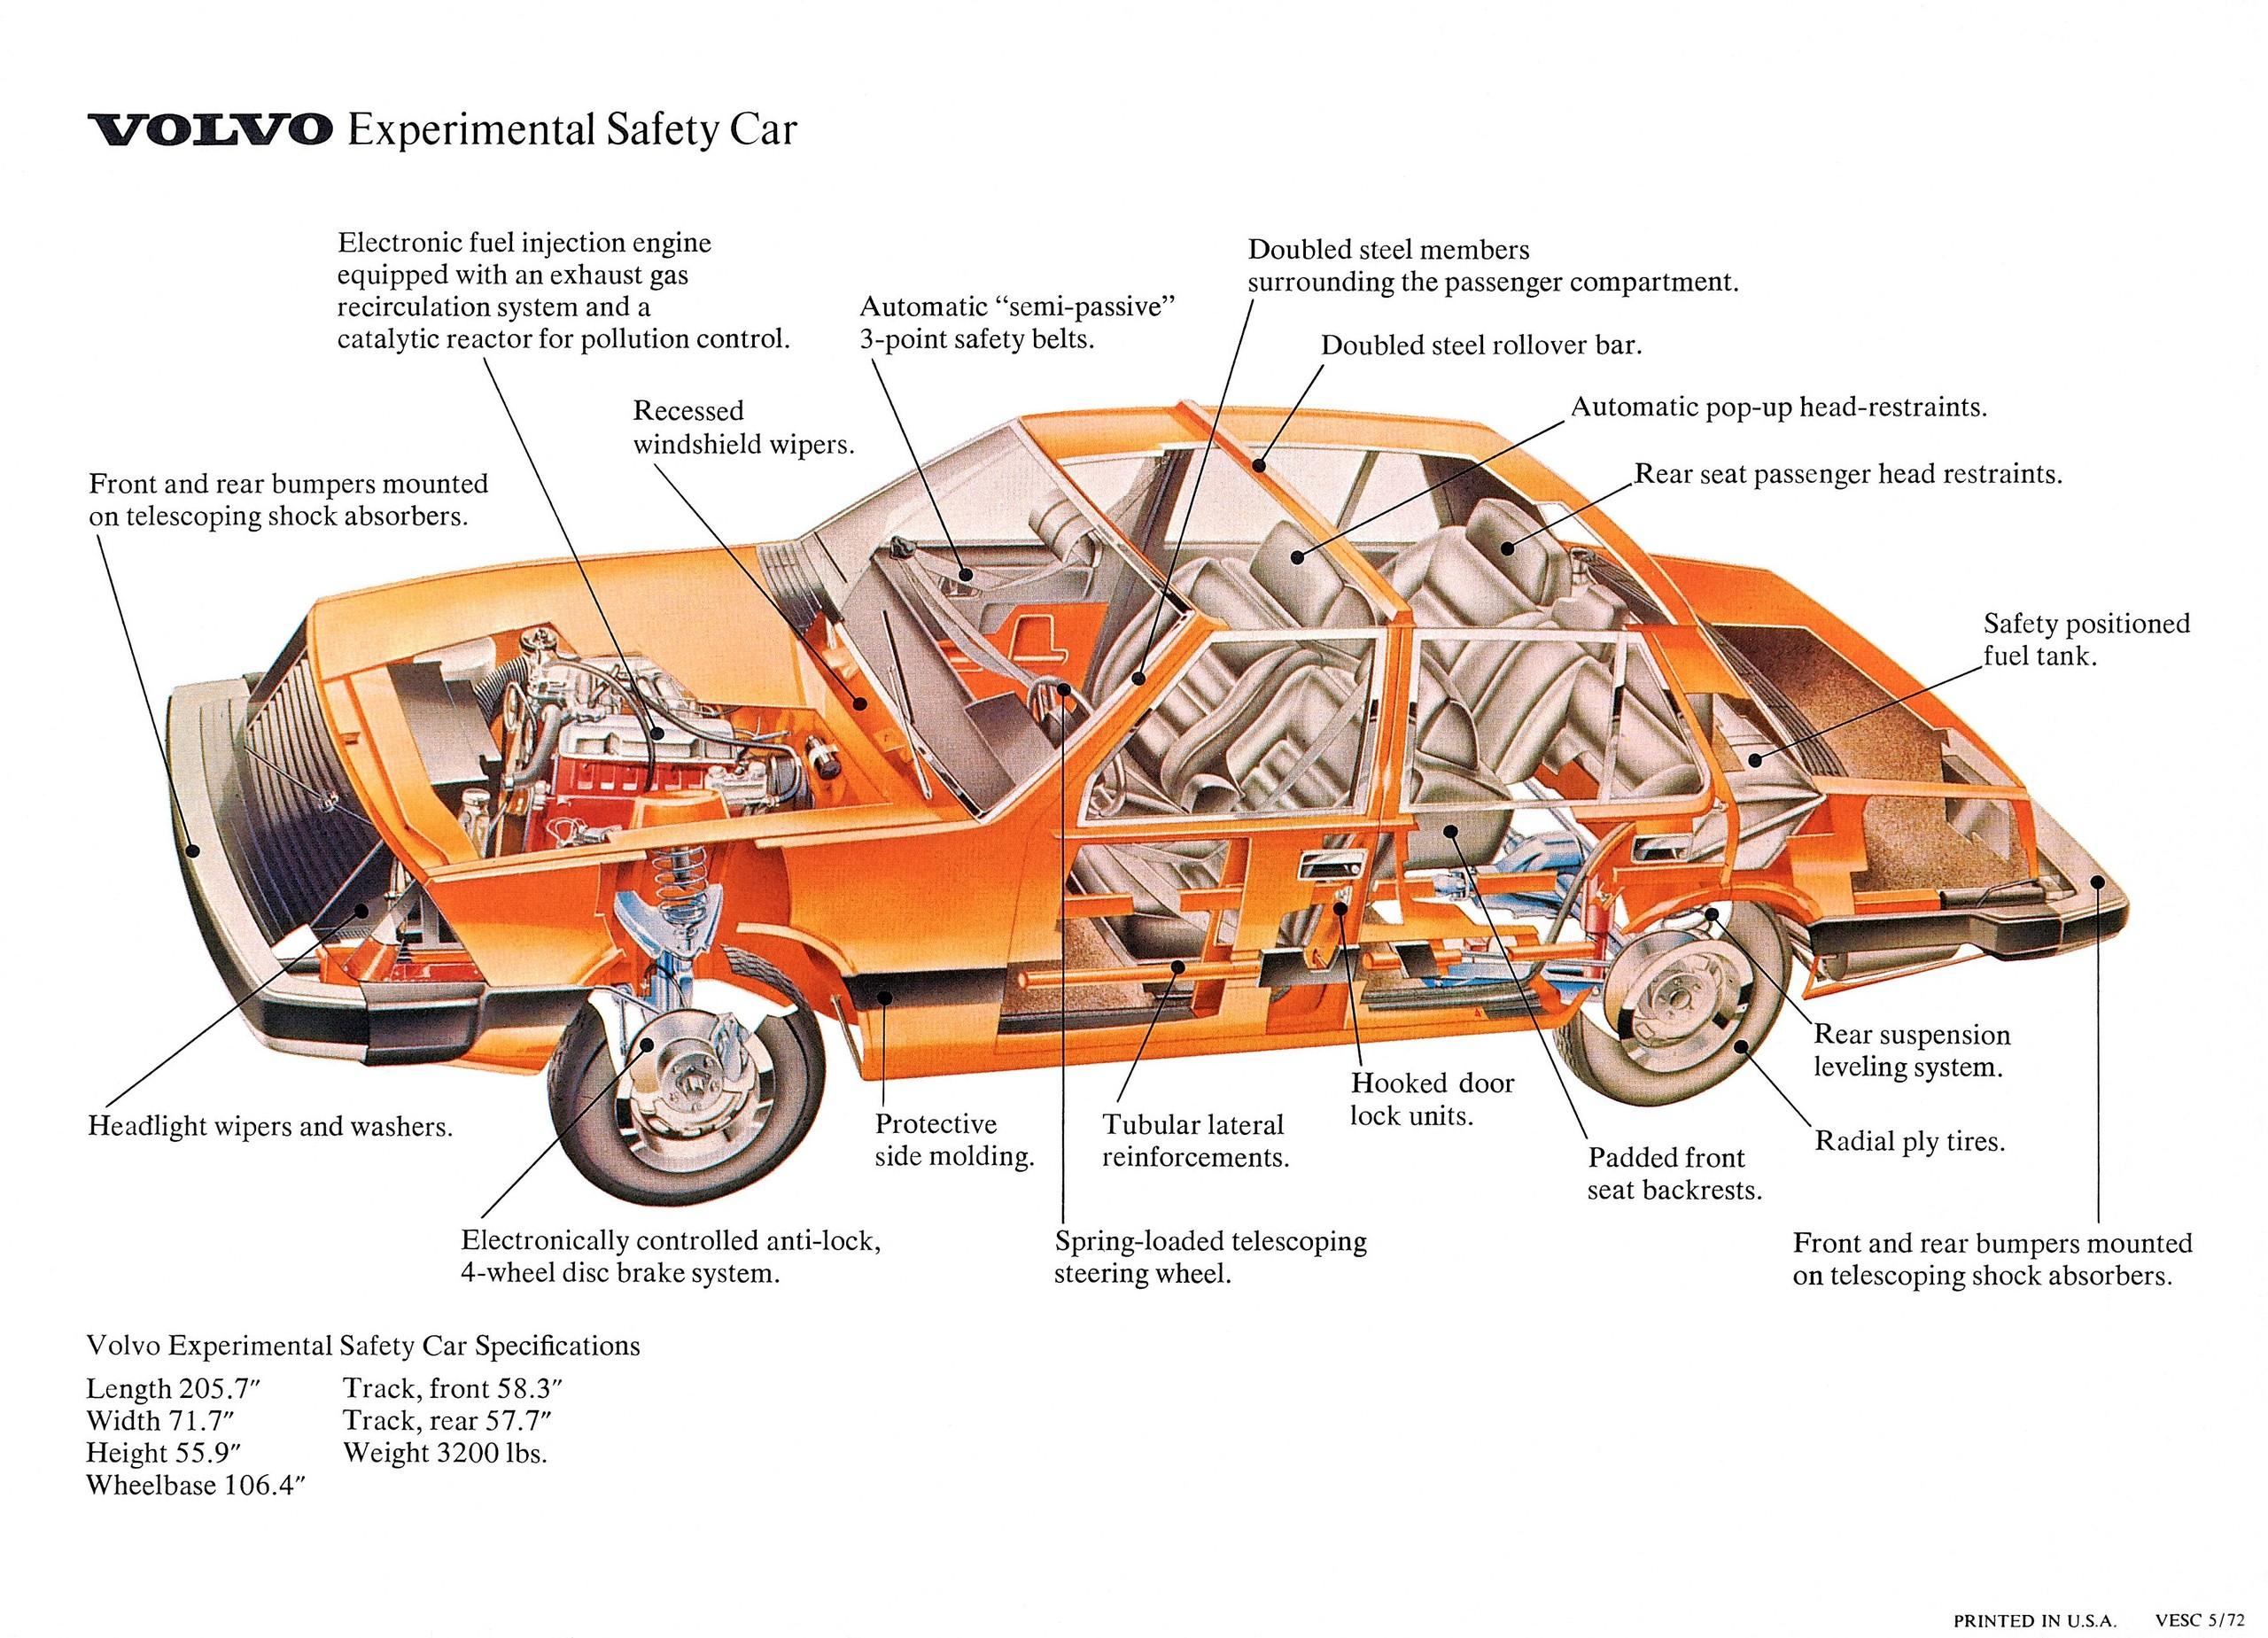 Foto de Volvo Experimental Safety Car 1972 (14/14)